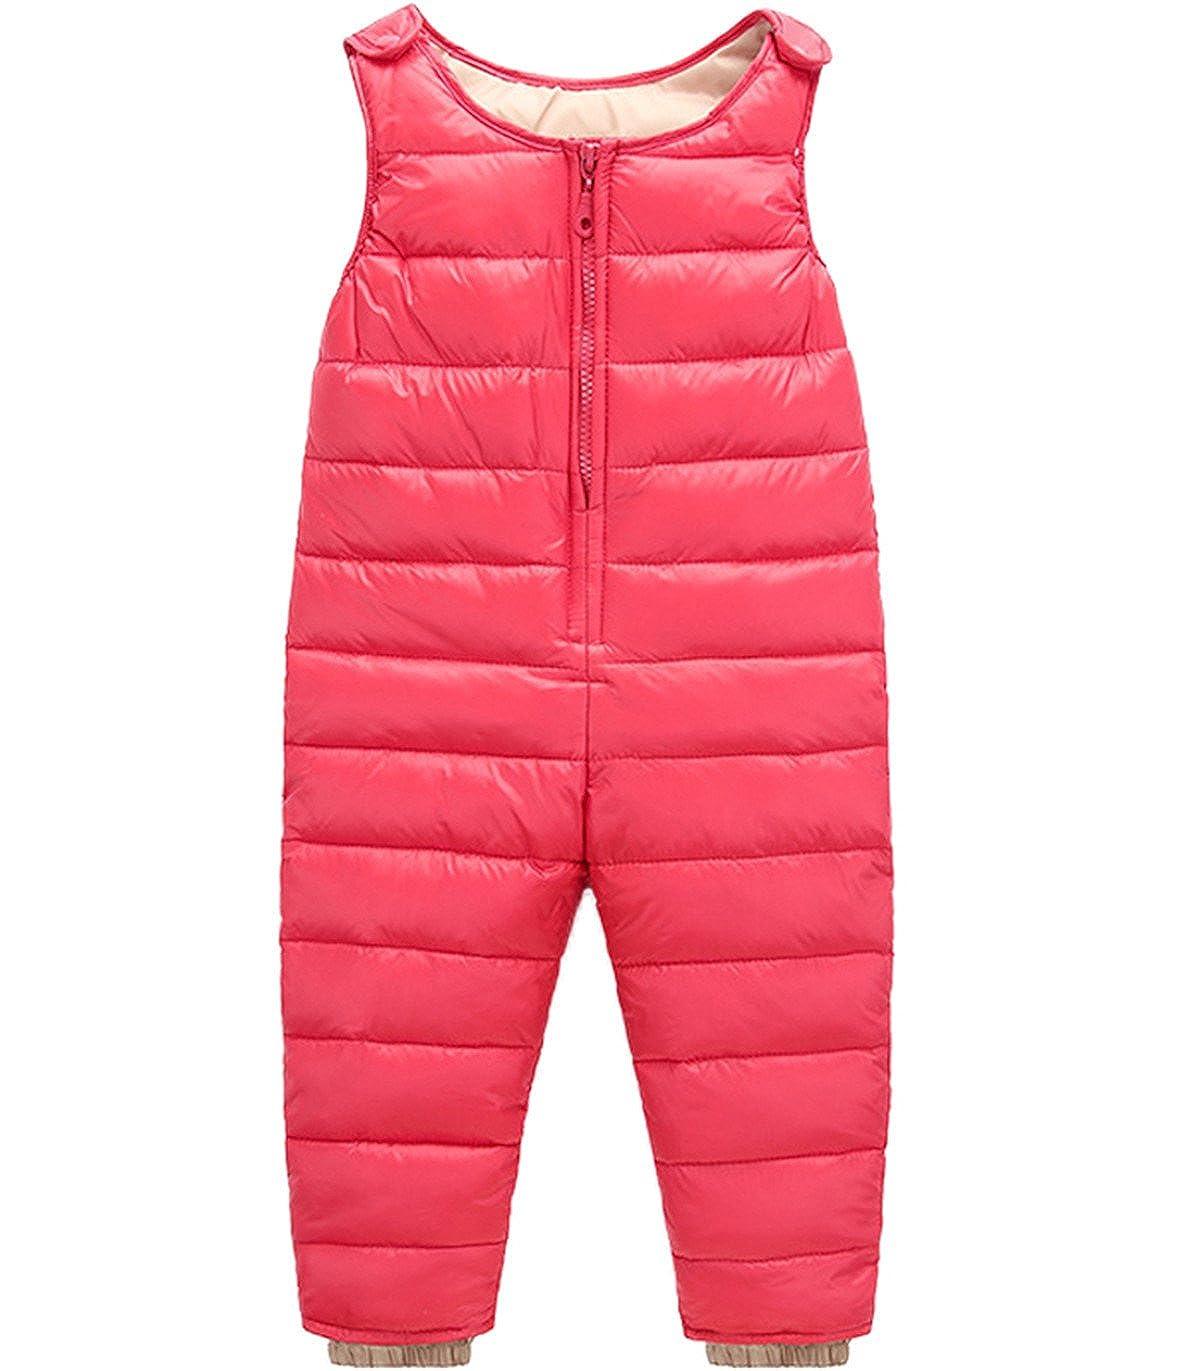 Baby Girls Boys One Piece Sleeveless Snowsuit Romper Winter Warm Puffer Jacket Outwear Jumpsuit